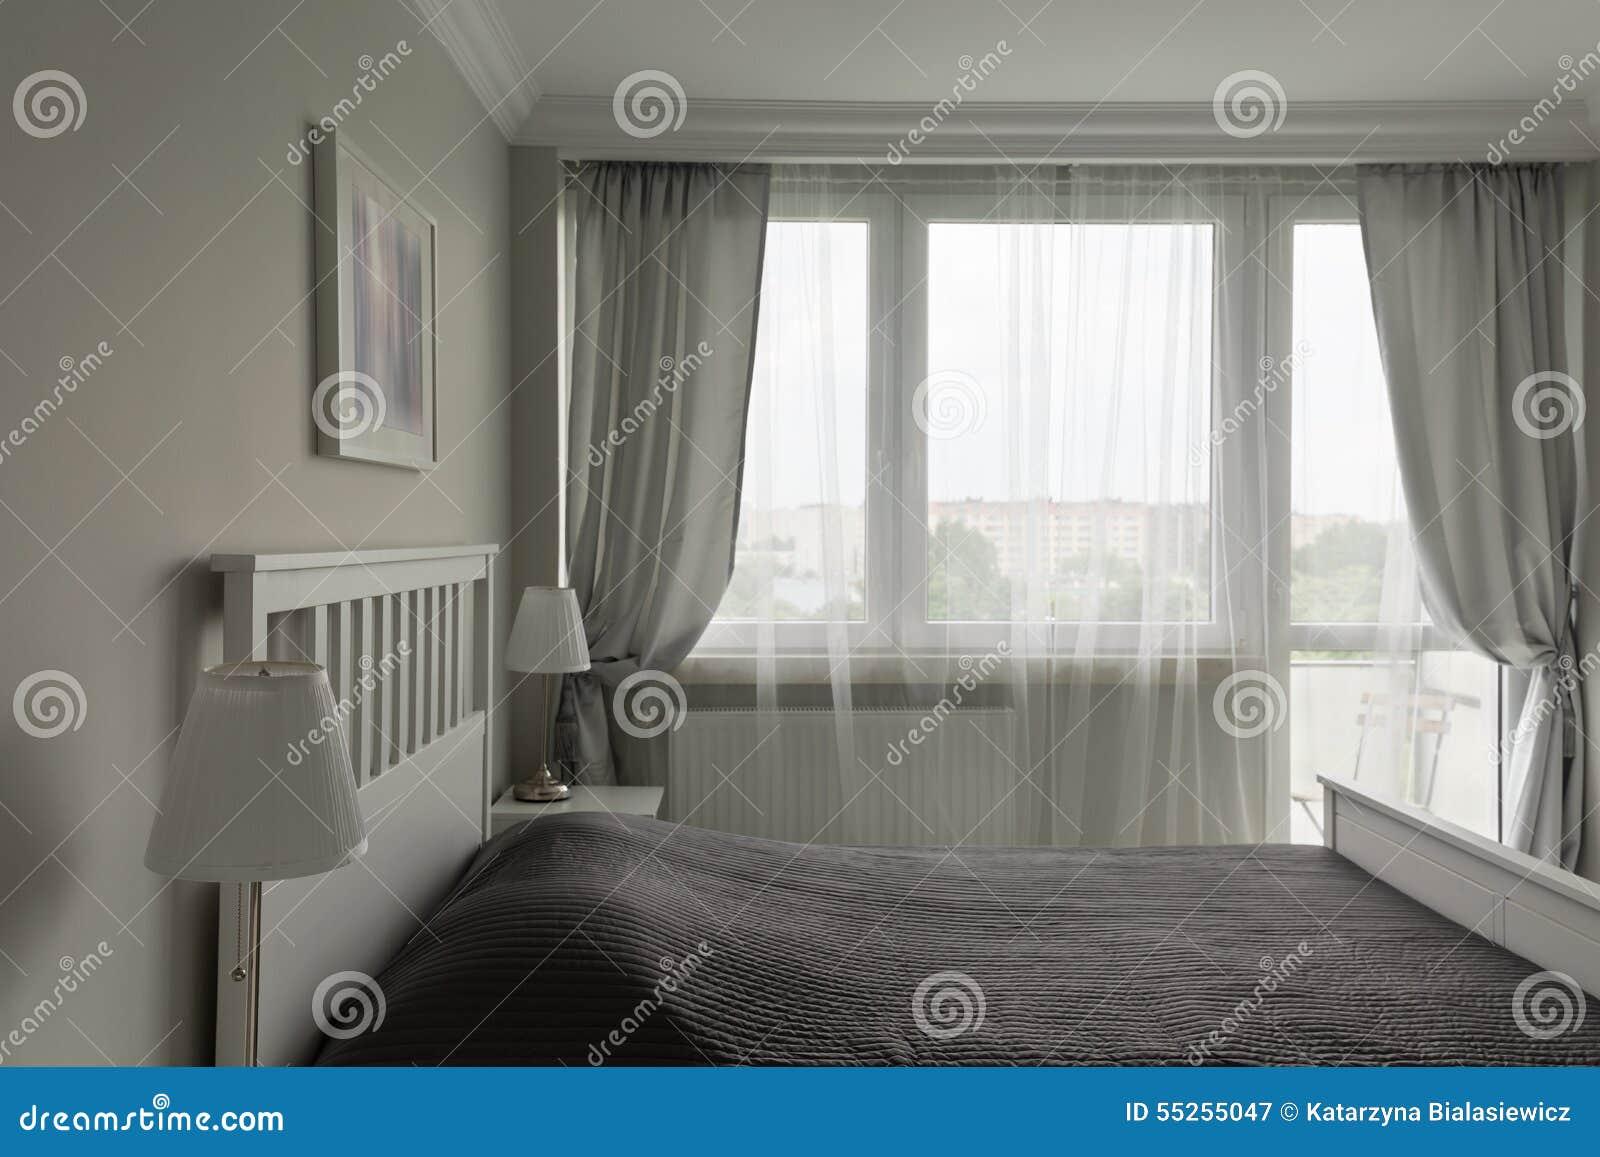 Camera Da Letto Romantica Bianca : Camera da letto bianca e grigia romantica immagine stock